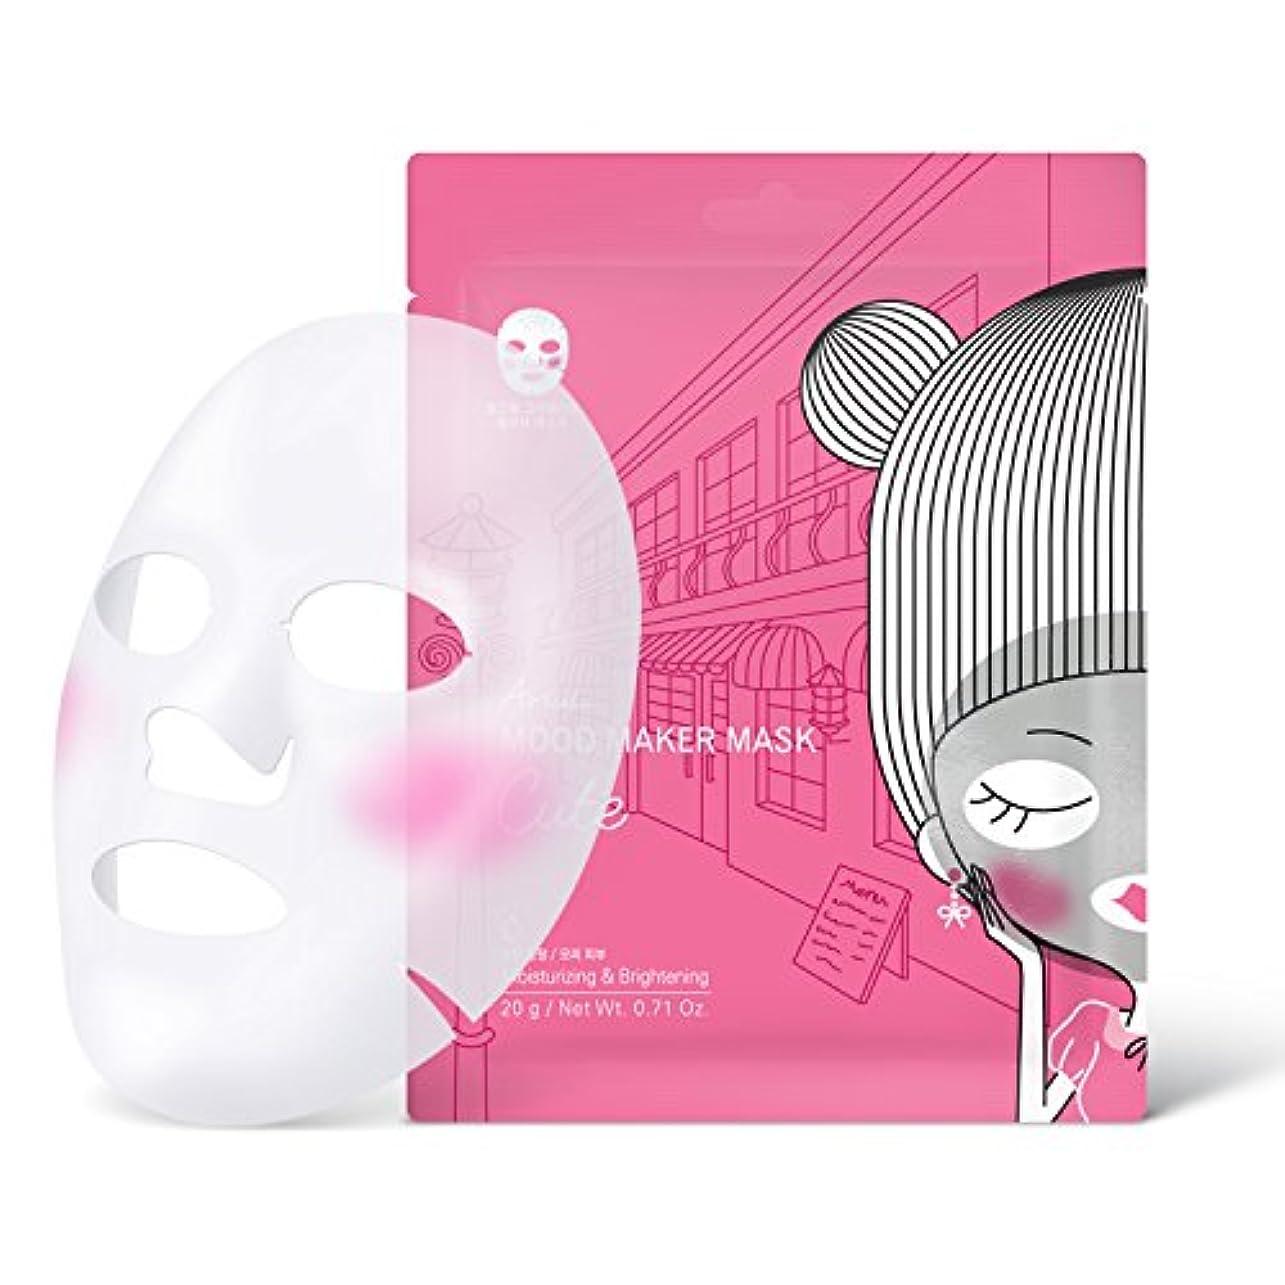 シール電極また明日ねアリウル ムードメーカーマスク キュート 1枚入り